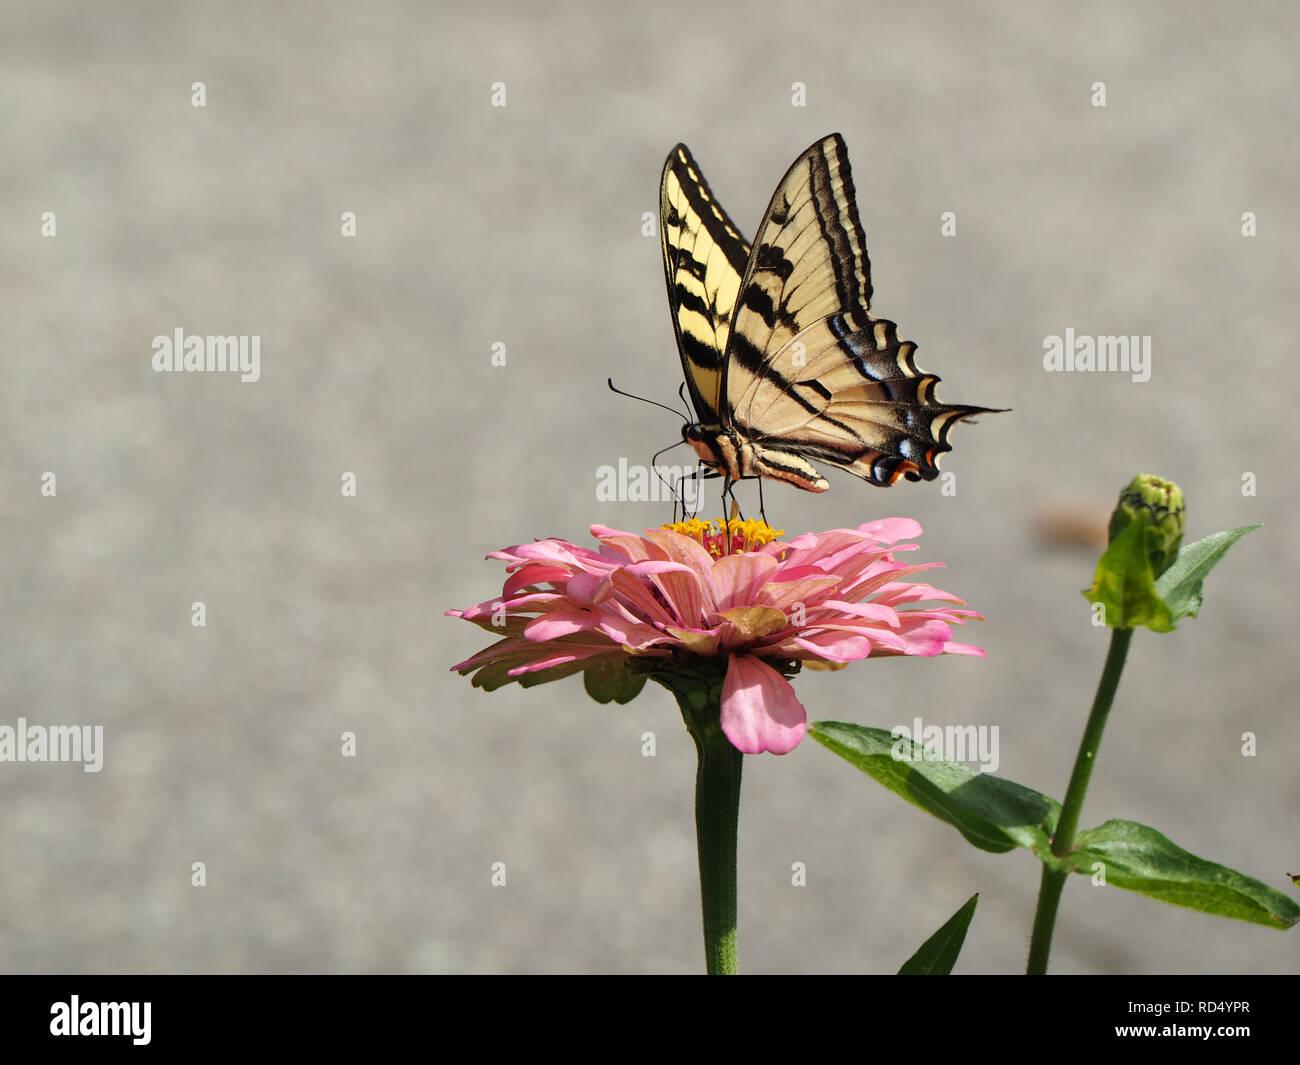 Piuttosto giallo e nero a farfalla a coda di rondine su un fiore rosa Foto Stock